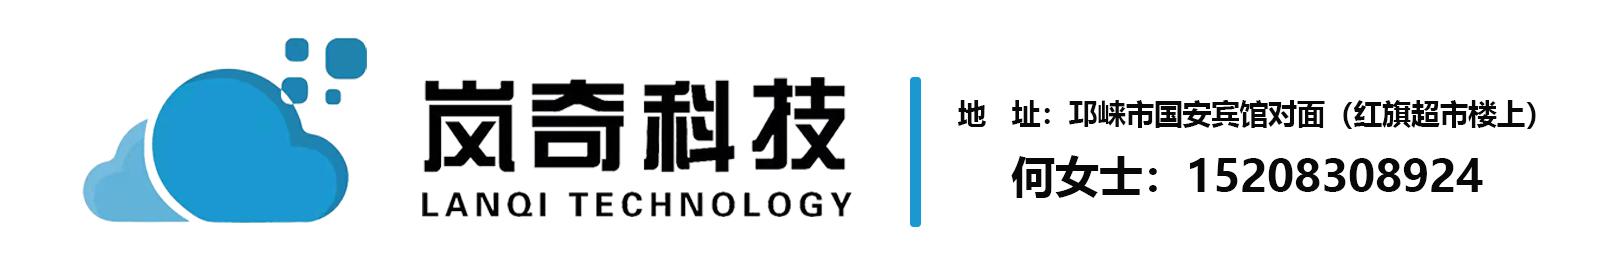 岚奇科技有限责任公司